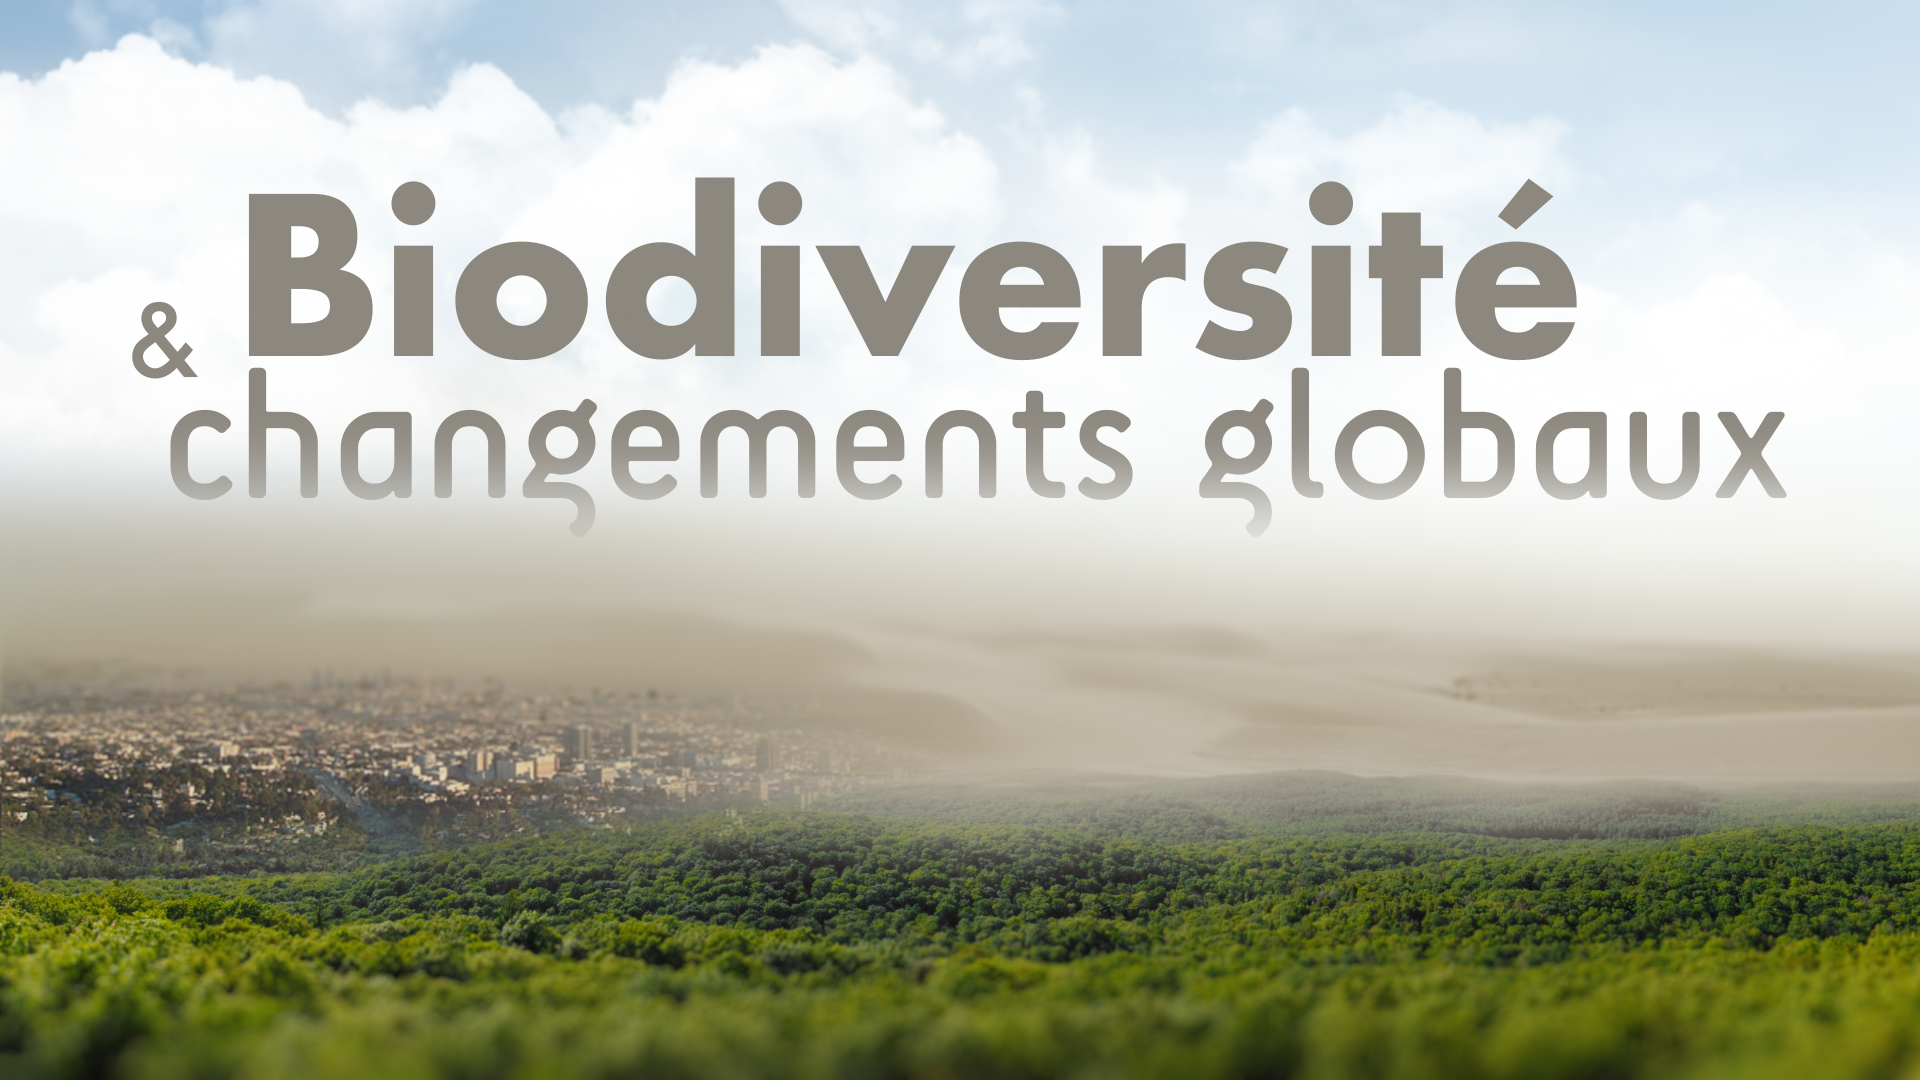 34006 Biodiversité et changements globaux Image de couverture